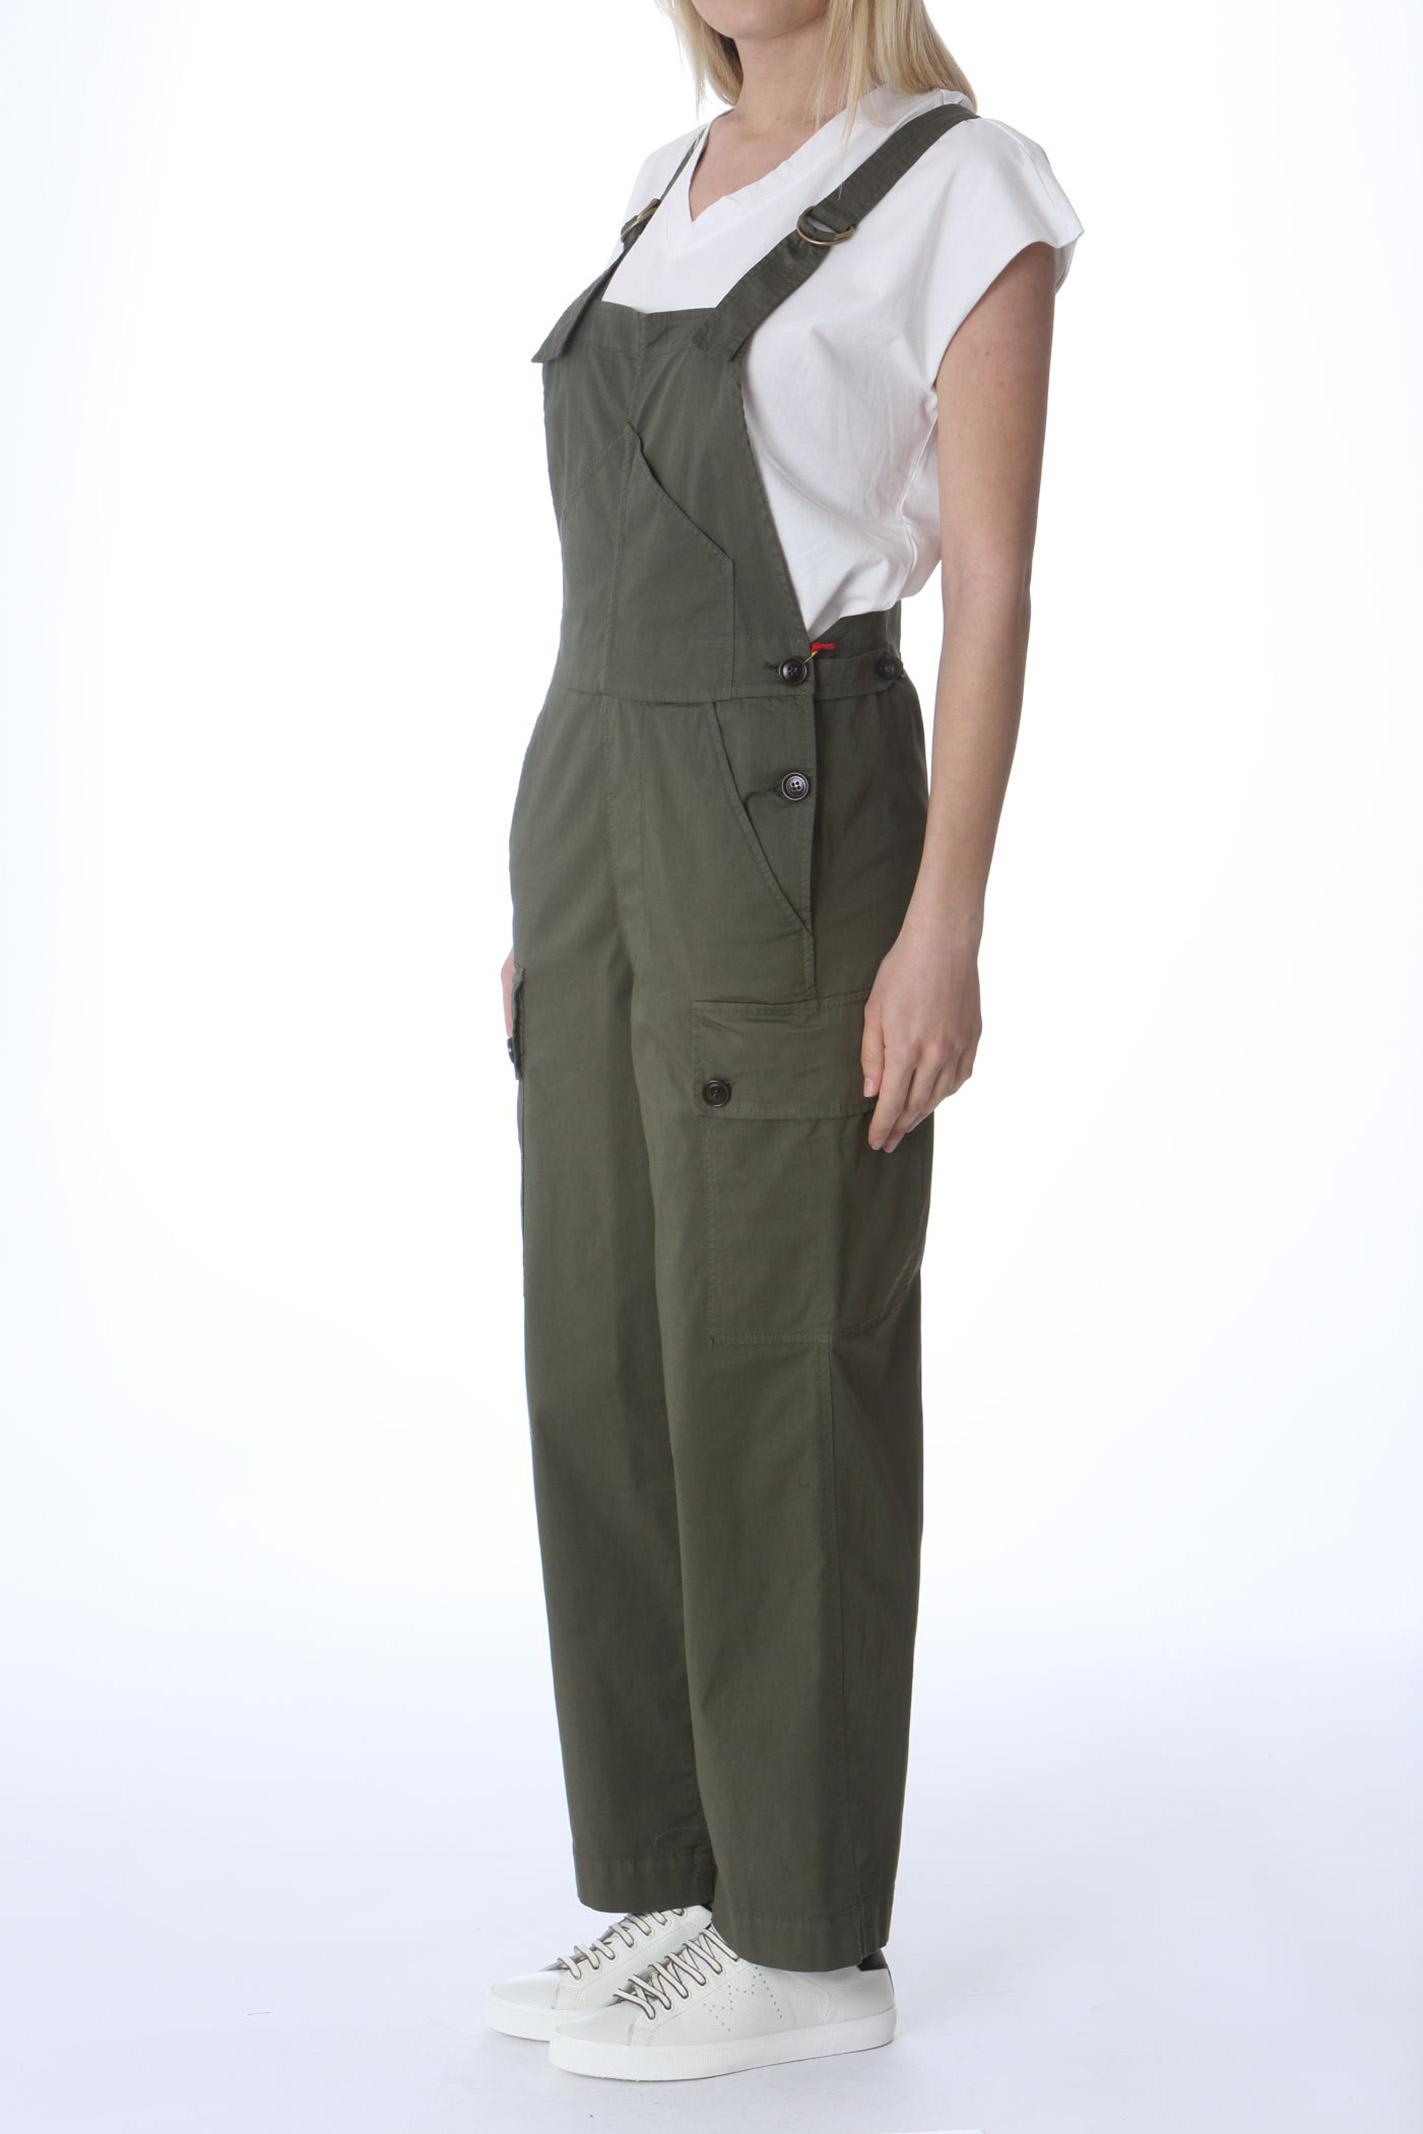 Saloipette donna in cotone elasticizzato SEMI COUTURE | Salopette | Y1SO08S85-0